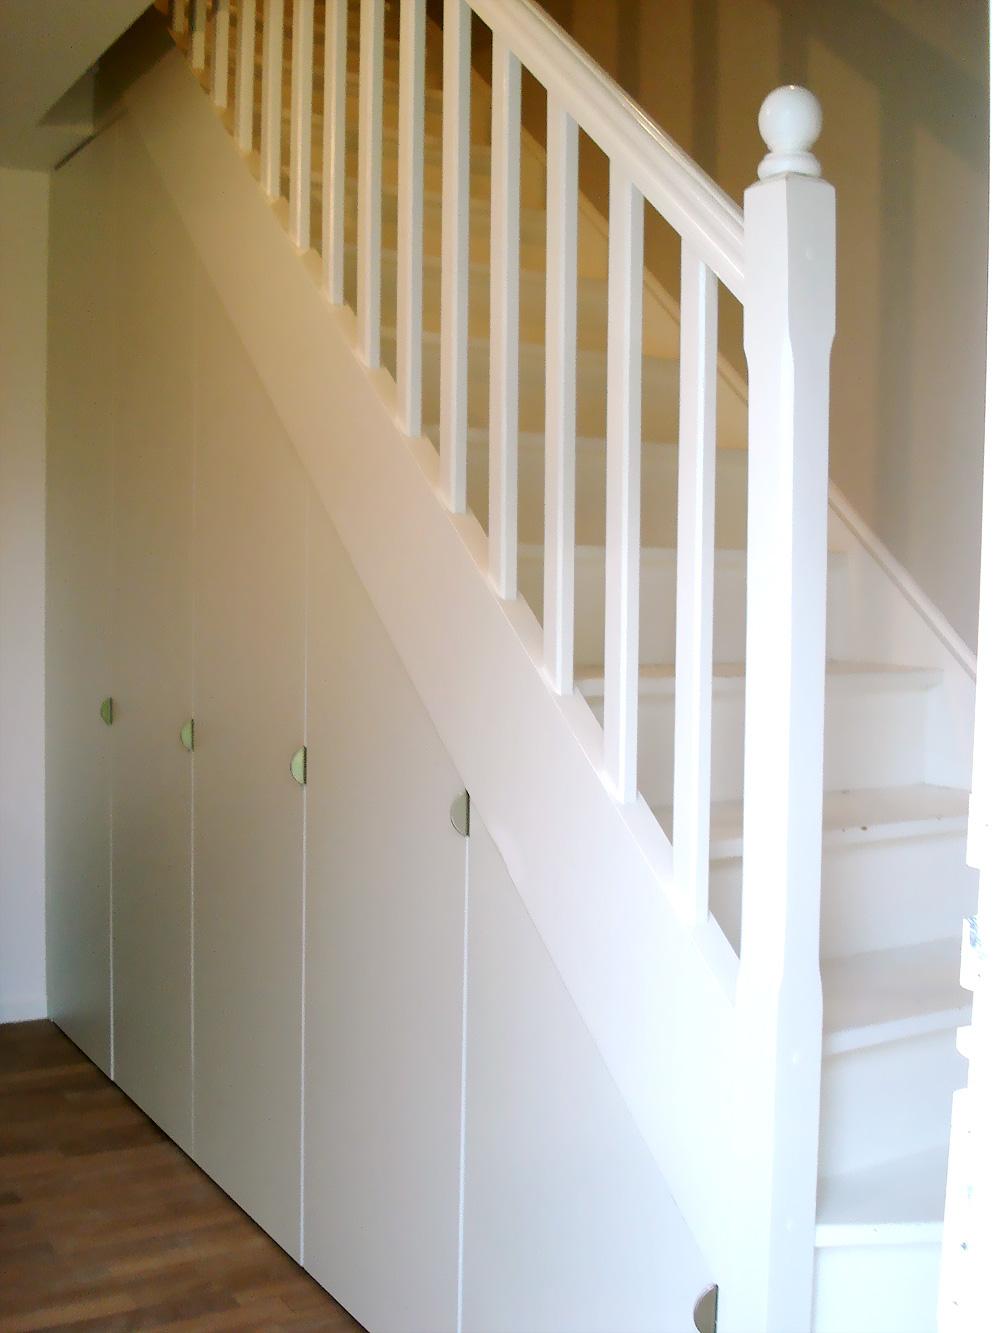 mbcmenuiserie.com/img/photos/large/agencement/escalier-placard-02.jpg